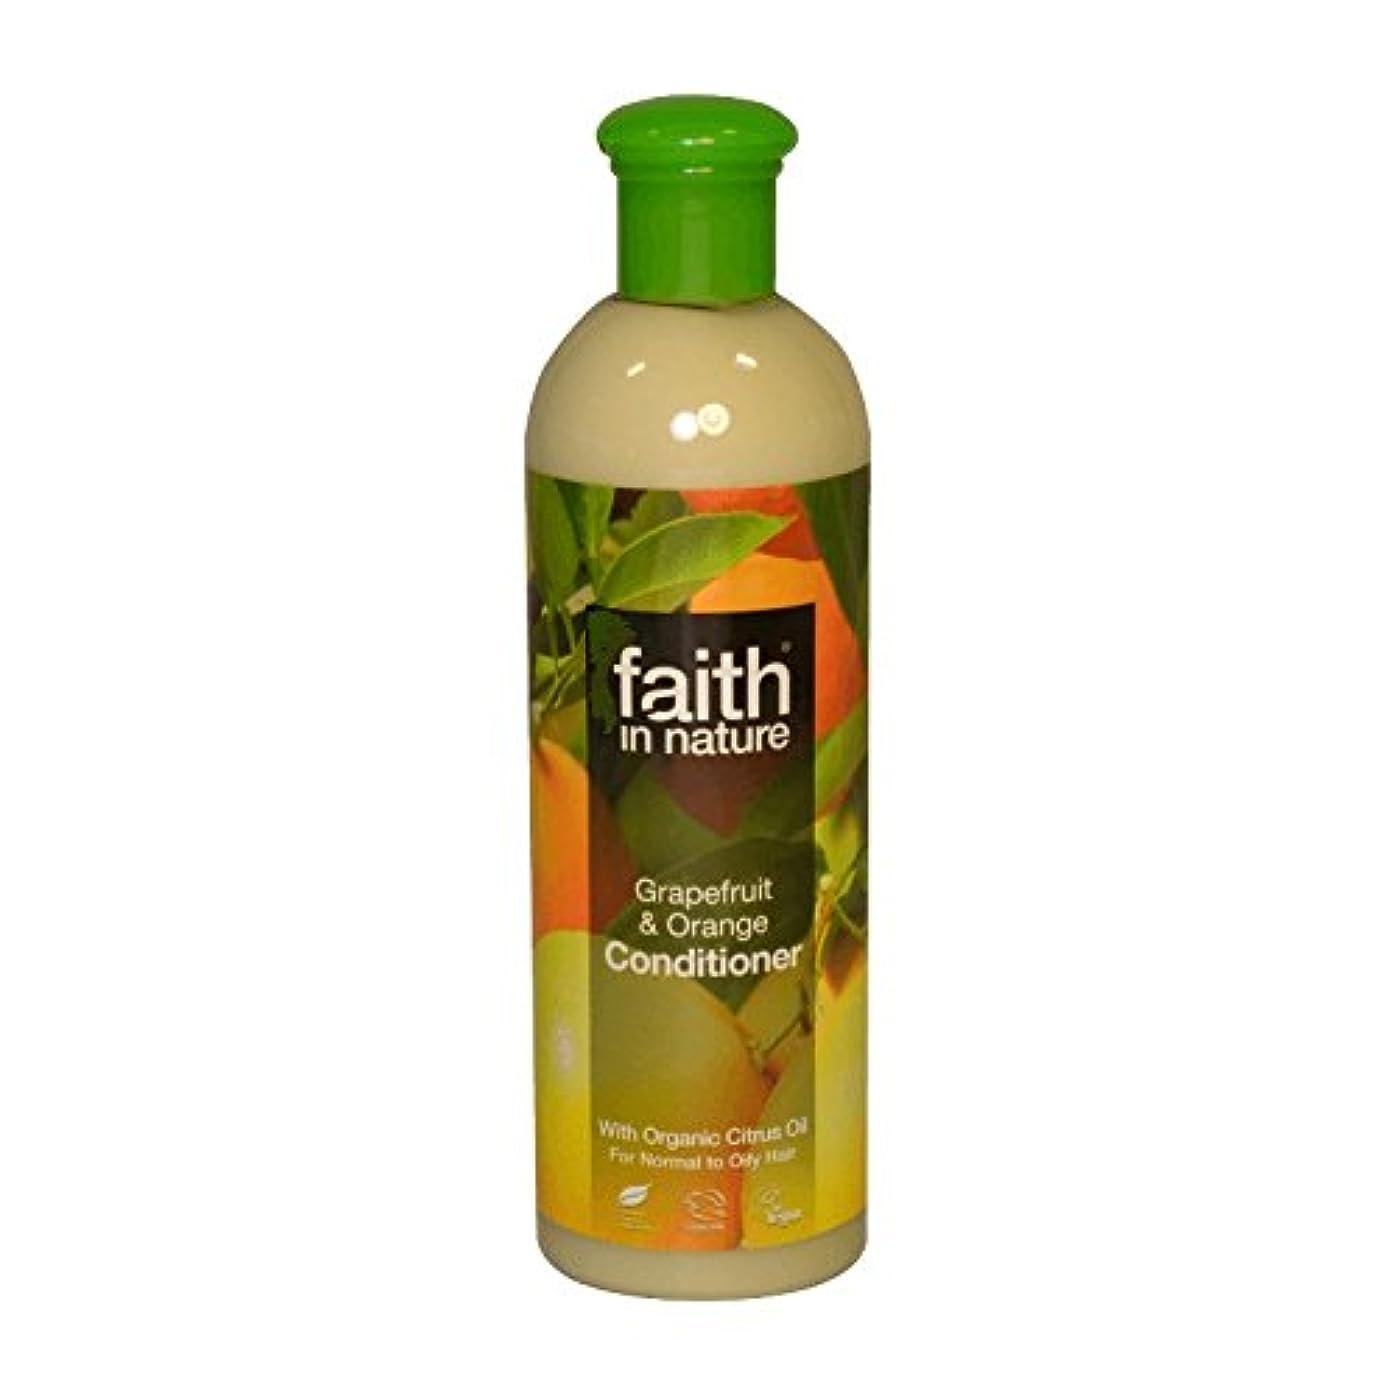 パニック吹きさらしこだわりFaith in Nature Grapefruit & Orange Conditioner 400ml (Pack of 2) - 自然グレープフルーツ&オレンジコンディショナー400ミリリットルの信仰 (x2) [...